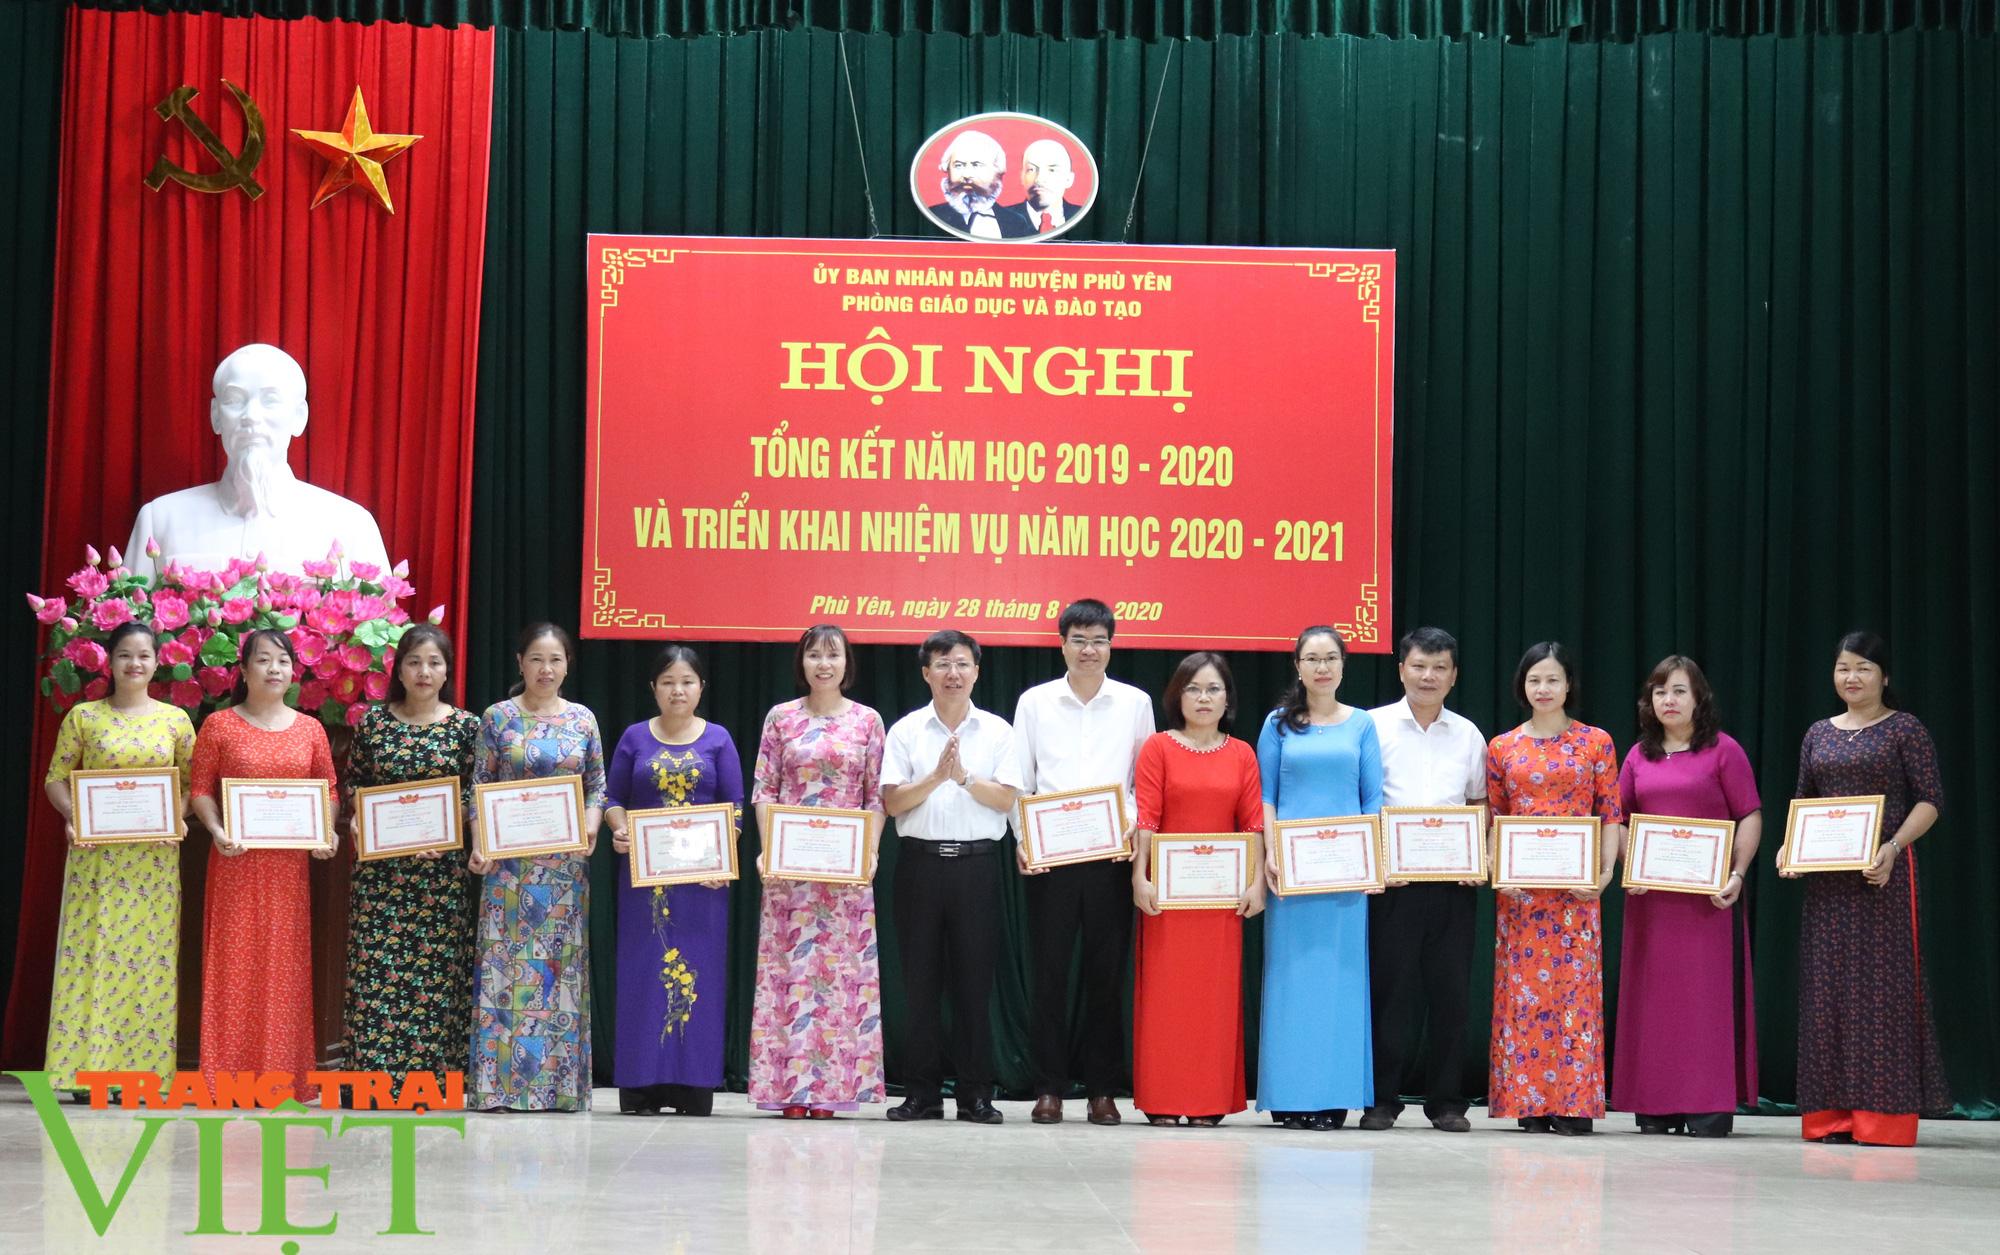 UBND huyện Phù Yên tổ chức Hội nghị tổng kết năm học 2019 – 2020 - Ảnh 5.